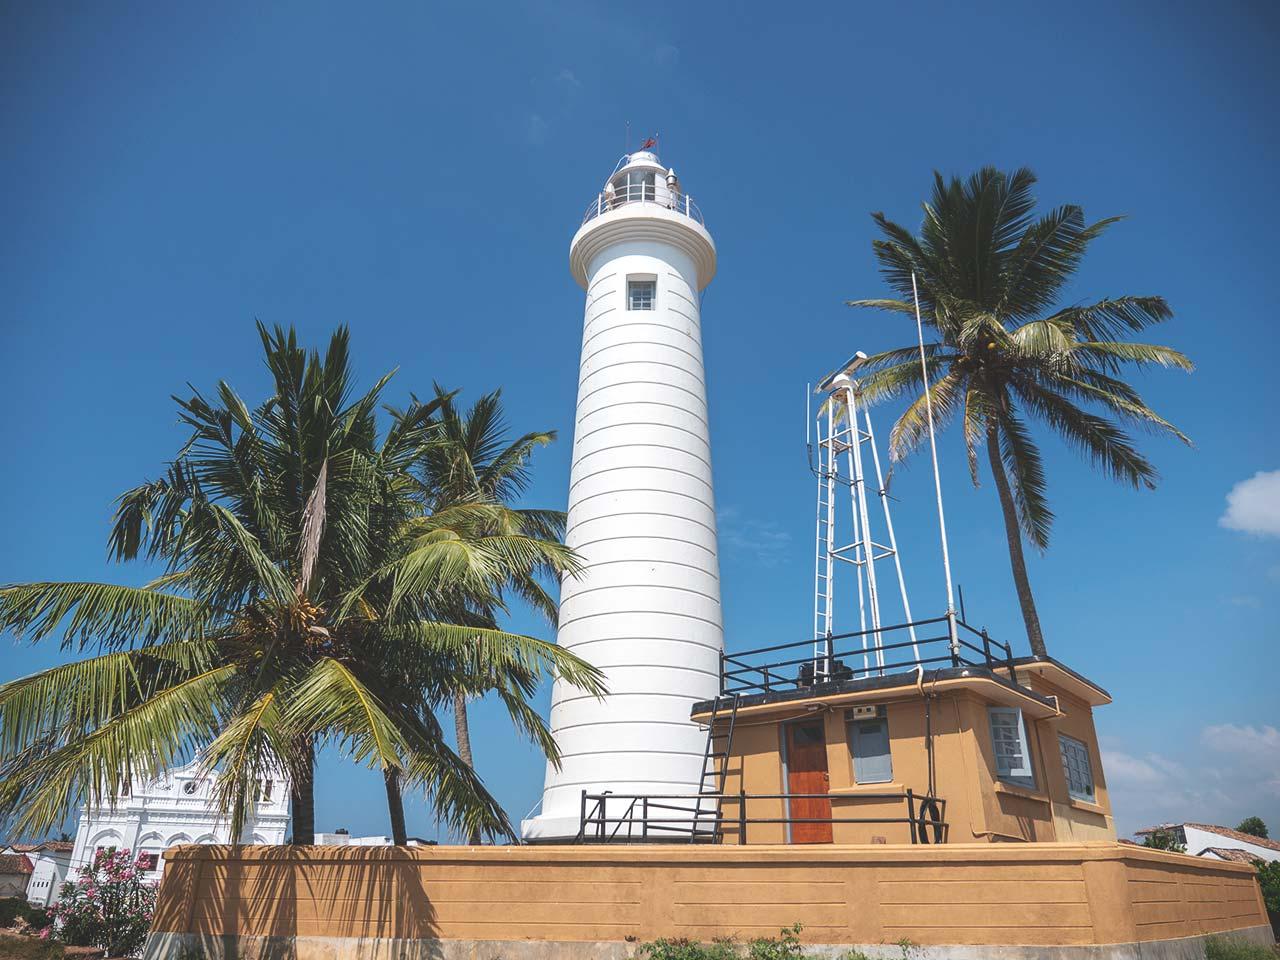 Leuchtturm beim Galle Fort in Sri Lanka